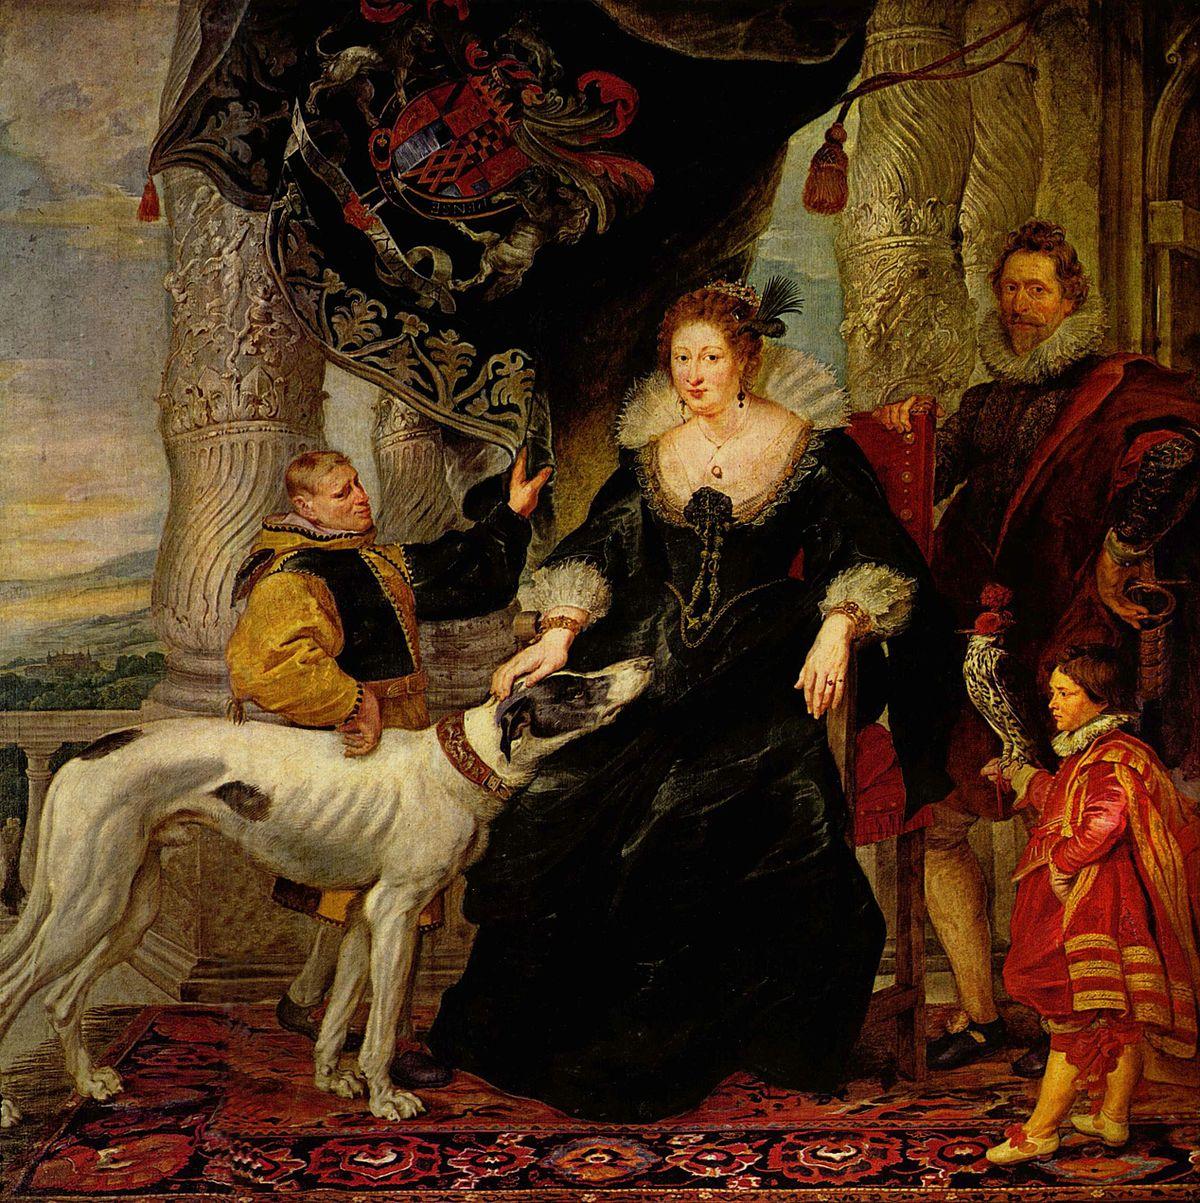 Mary Beth Rubens